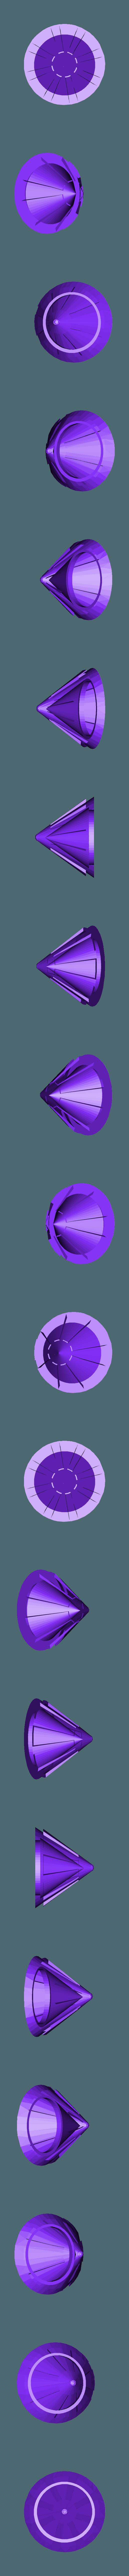 tobor top.stl Download STL file taybors ship space 1999 • 3D printable design, platt980